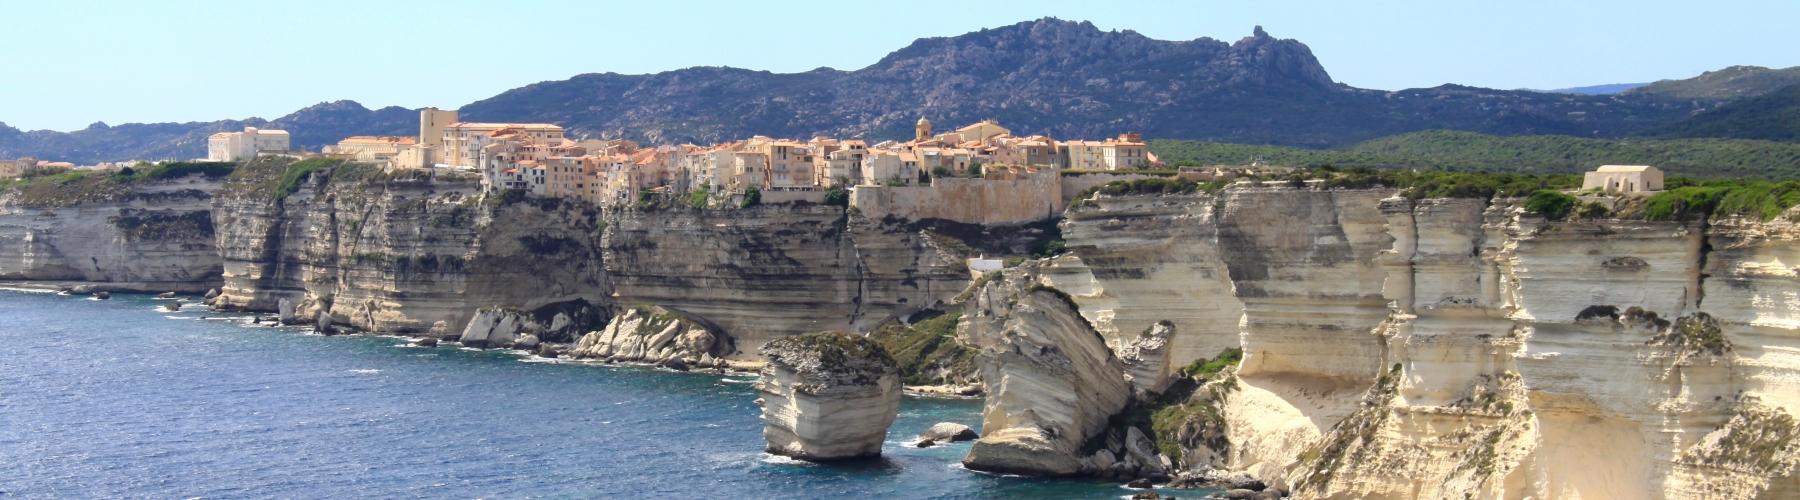 Séminaire Corse - Version originale